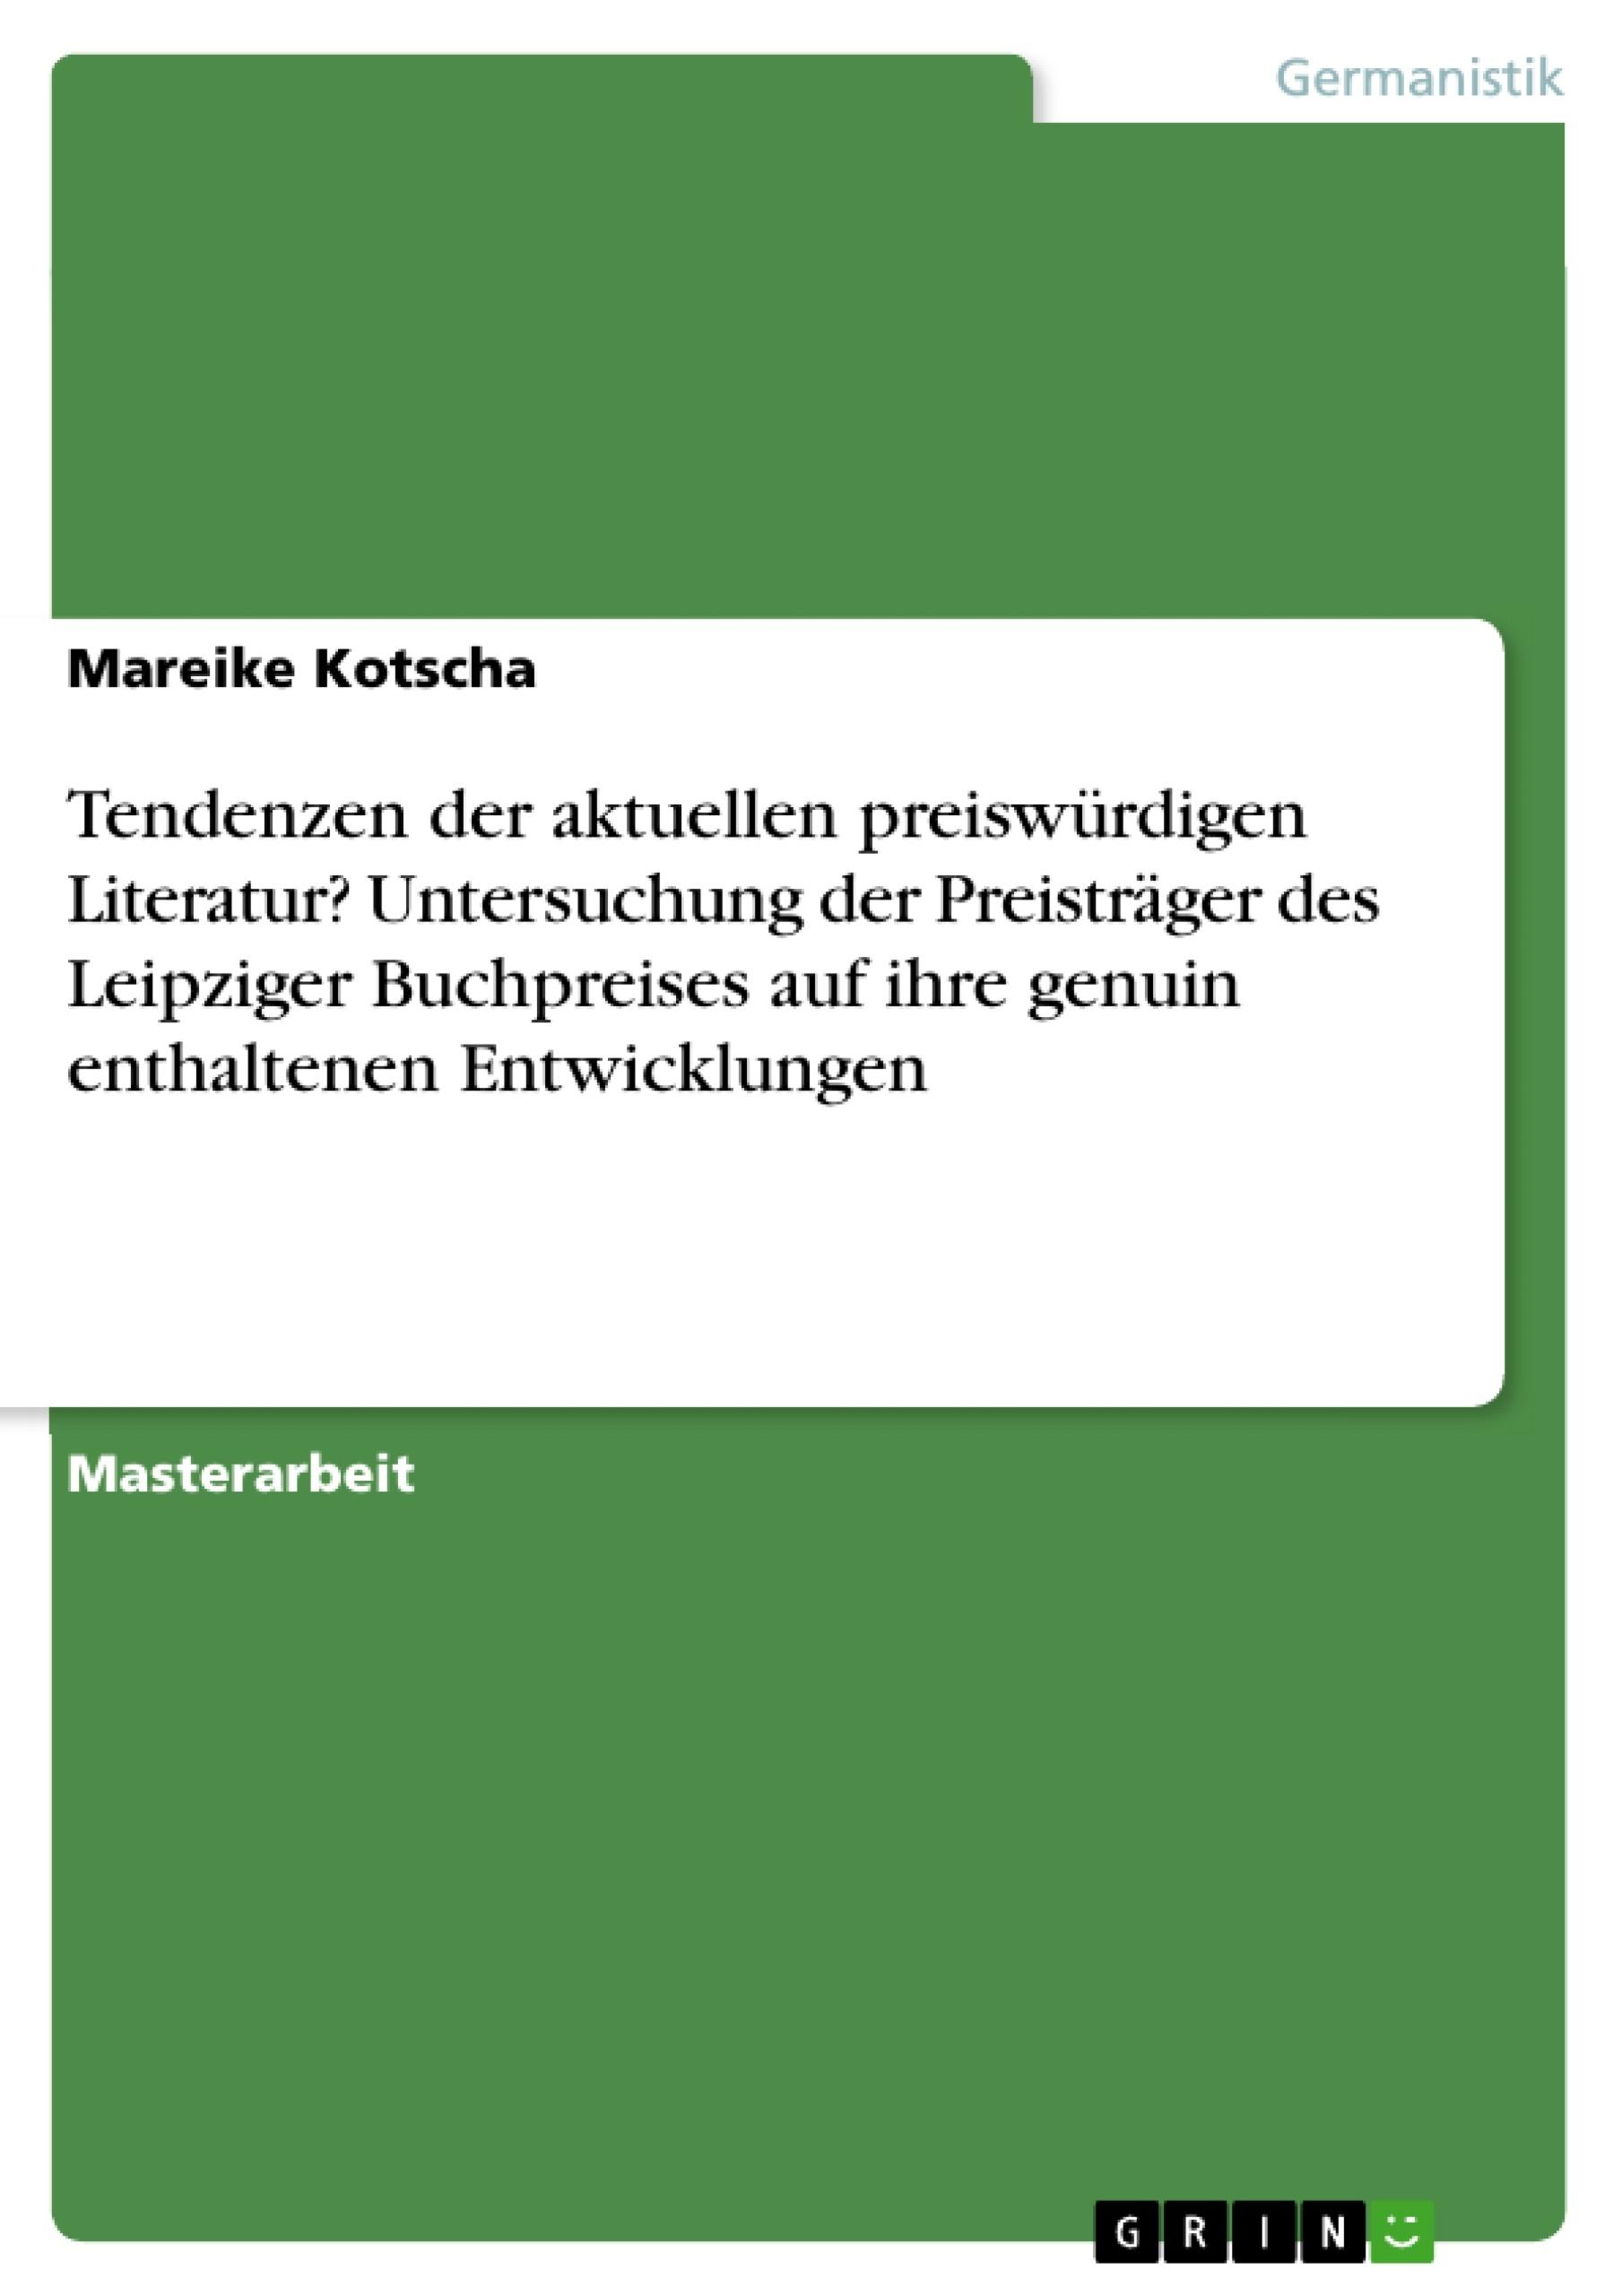 Titel: Tendenzen der aktuellen preiswürdigen Literatur? Untersuchung der Preisträger des Leipziger Buchpreises auf ihre genuin enthaltenen Entwicklungen